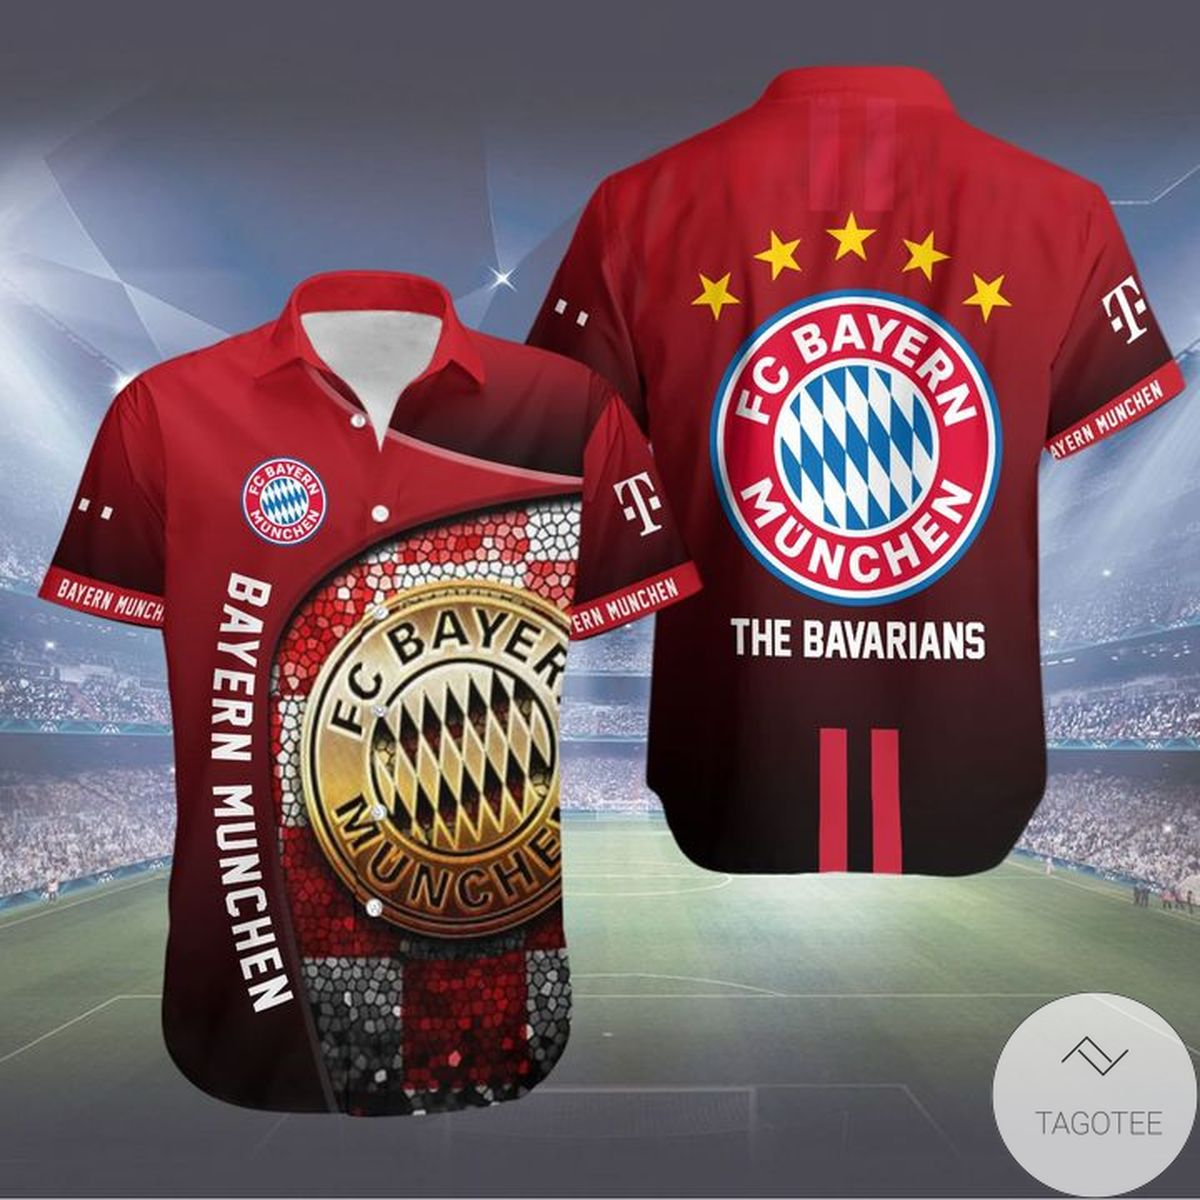 Where To Buy Bayern Muchen The Bavarians Hawaiian Shirt